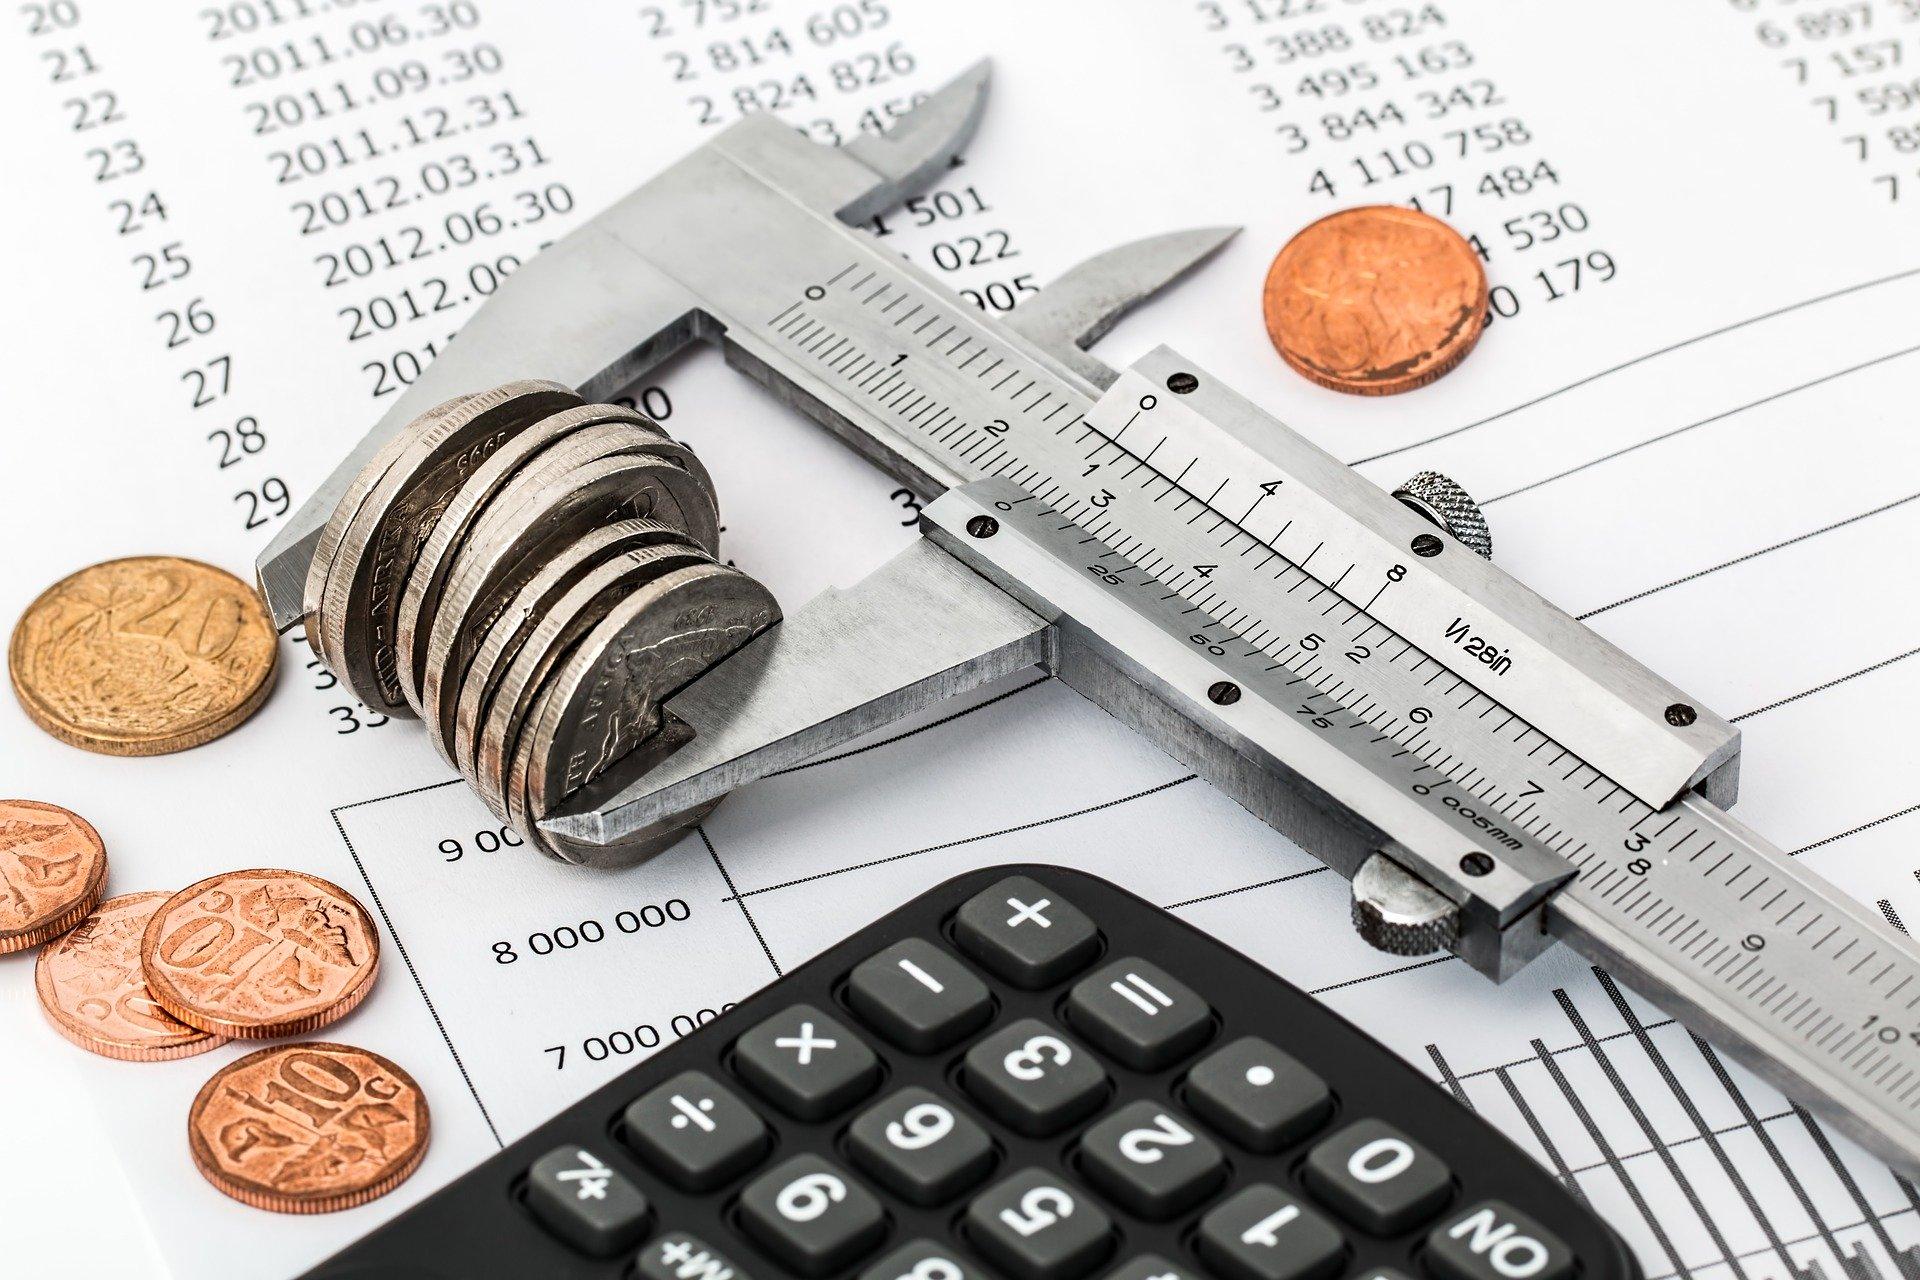 Renegociação de dívidas: quem tem direito e como fazer?